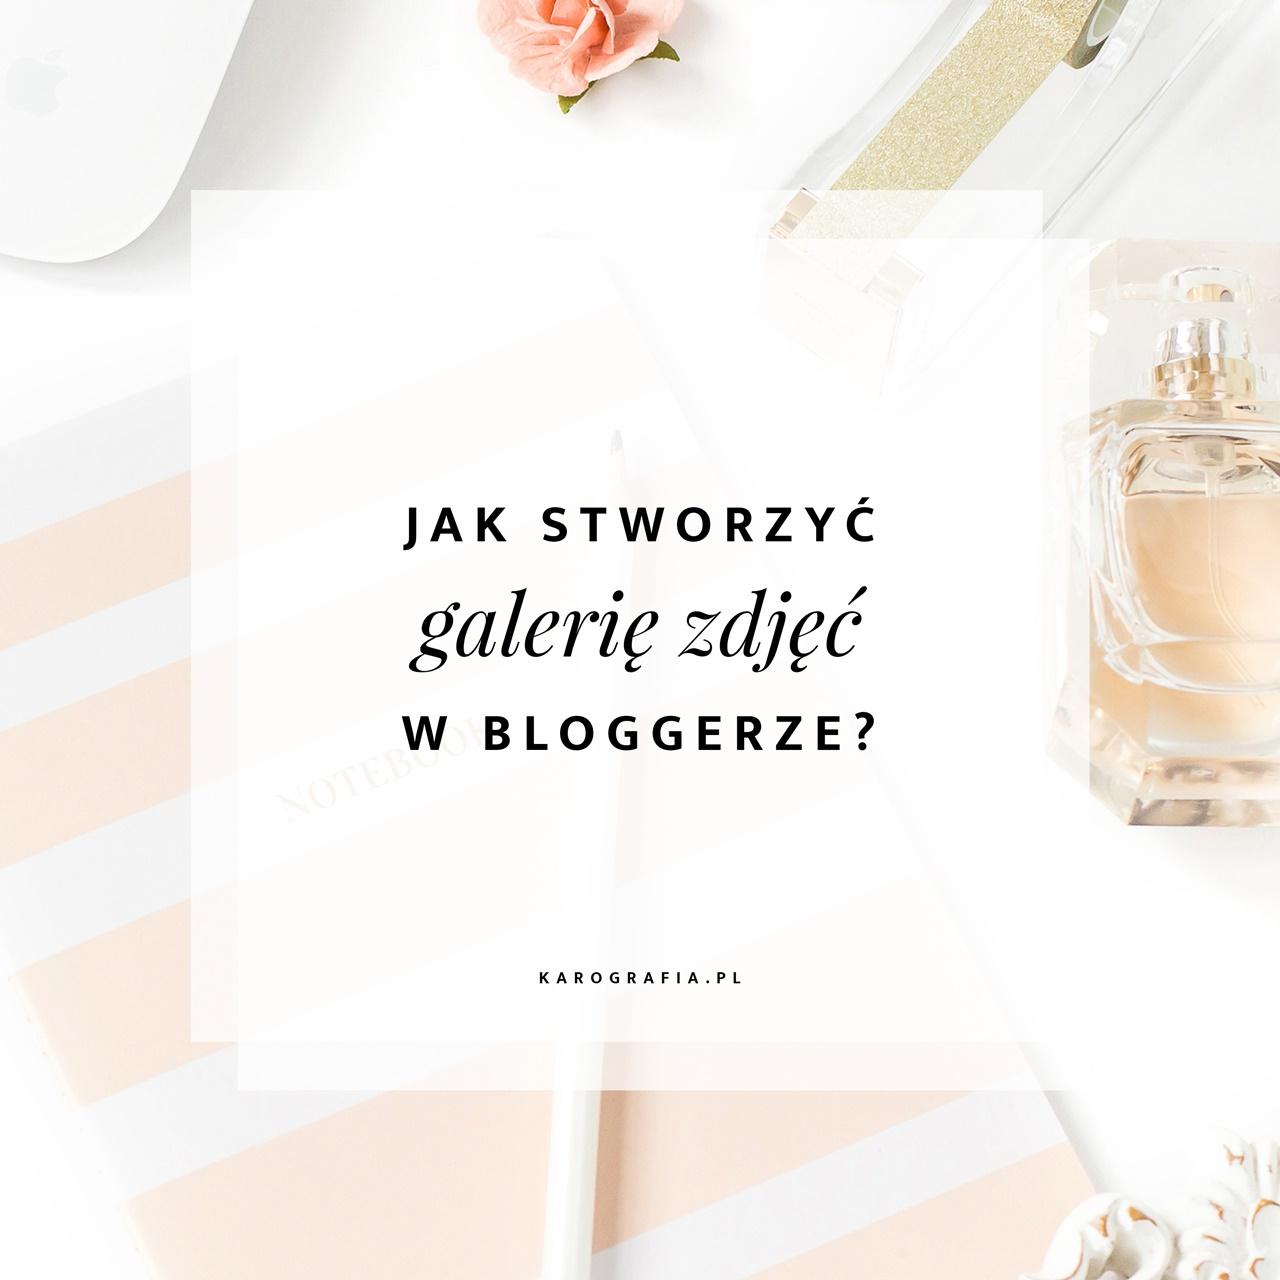 Jak stworzyć galerię zdjeć w bloggerze? To proste!